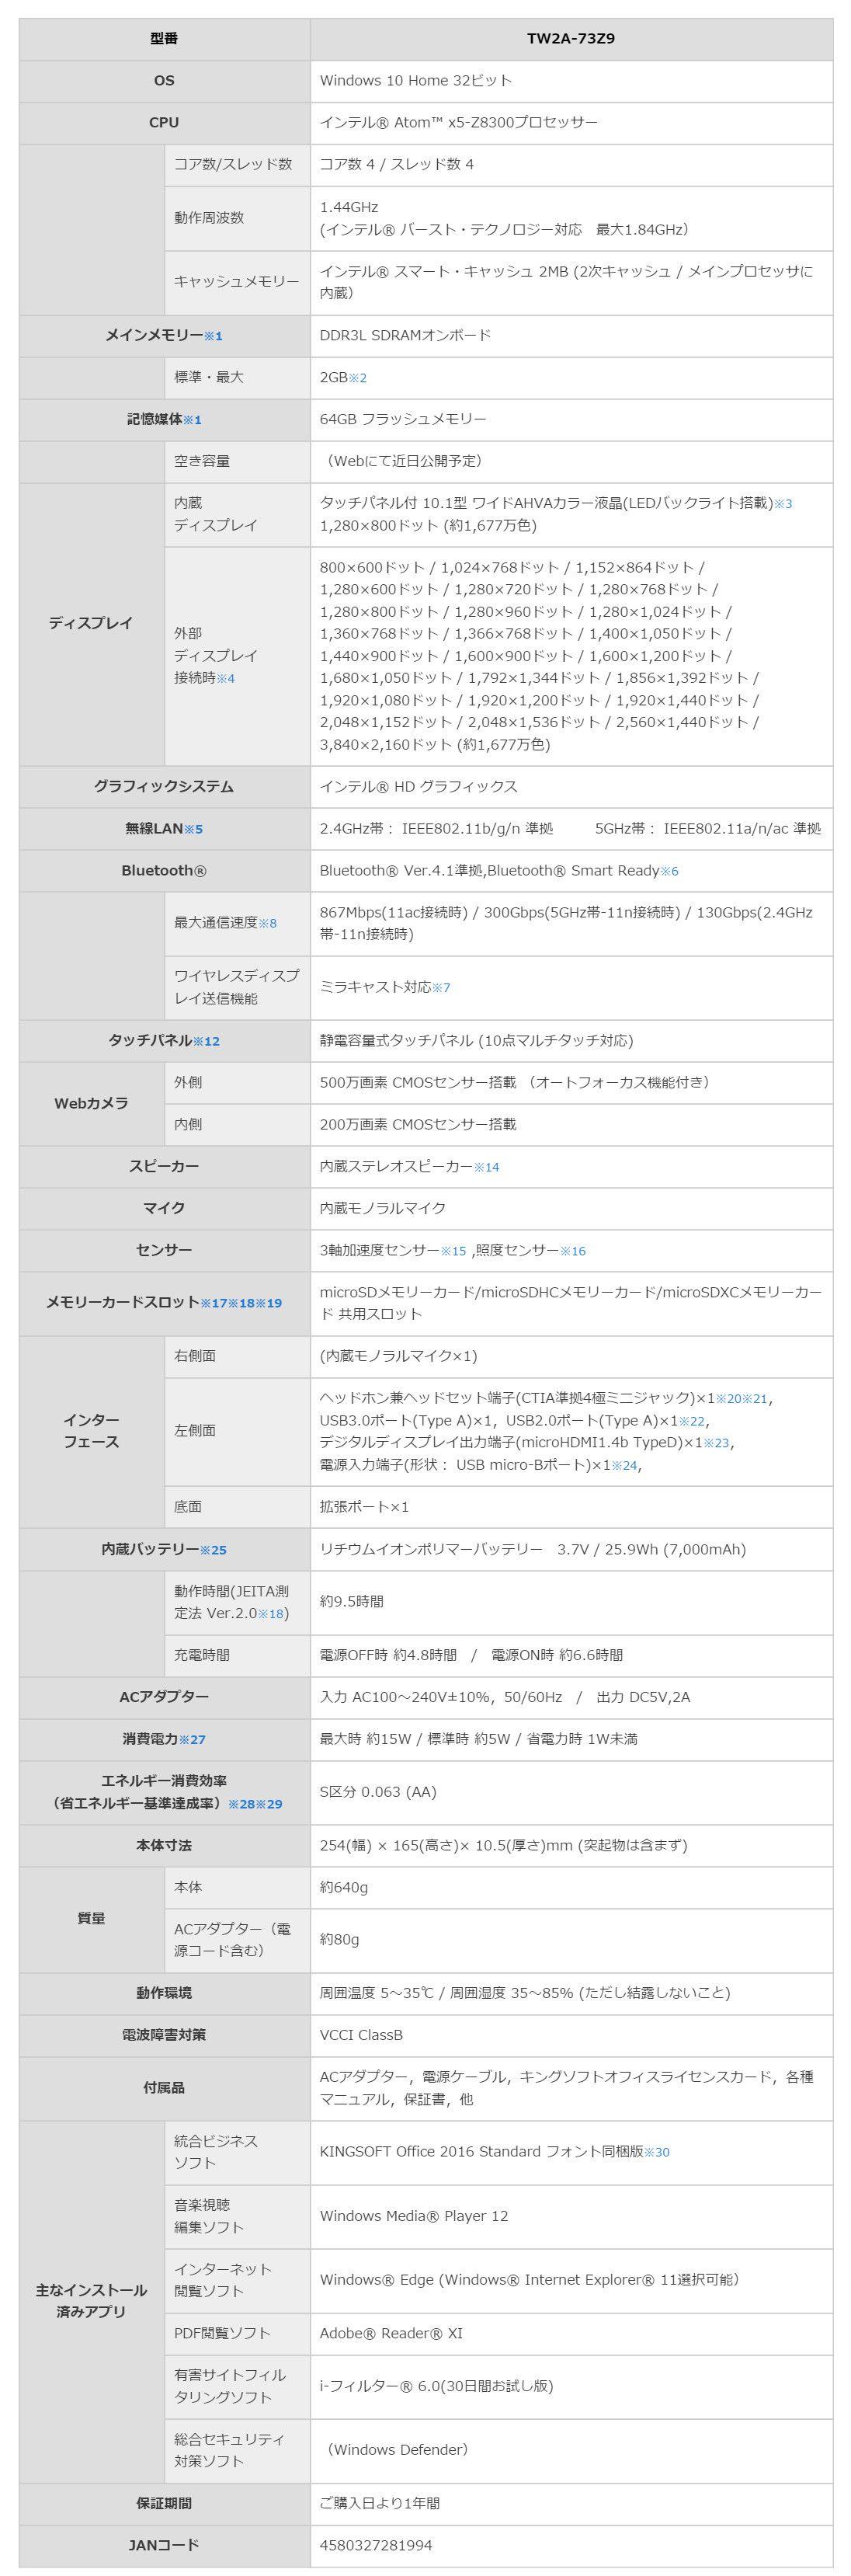 ONKYO TW2A-73Z9